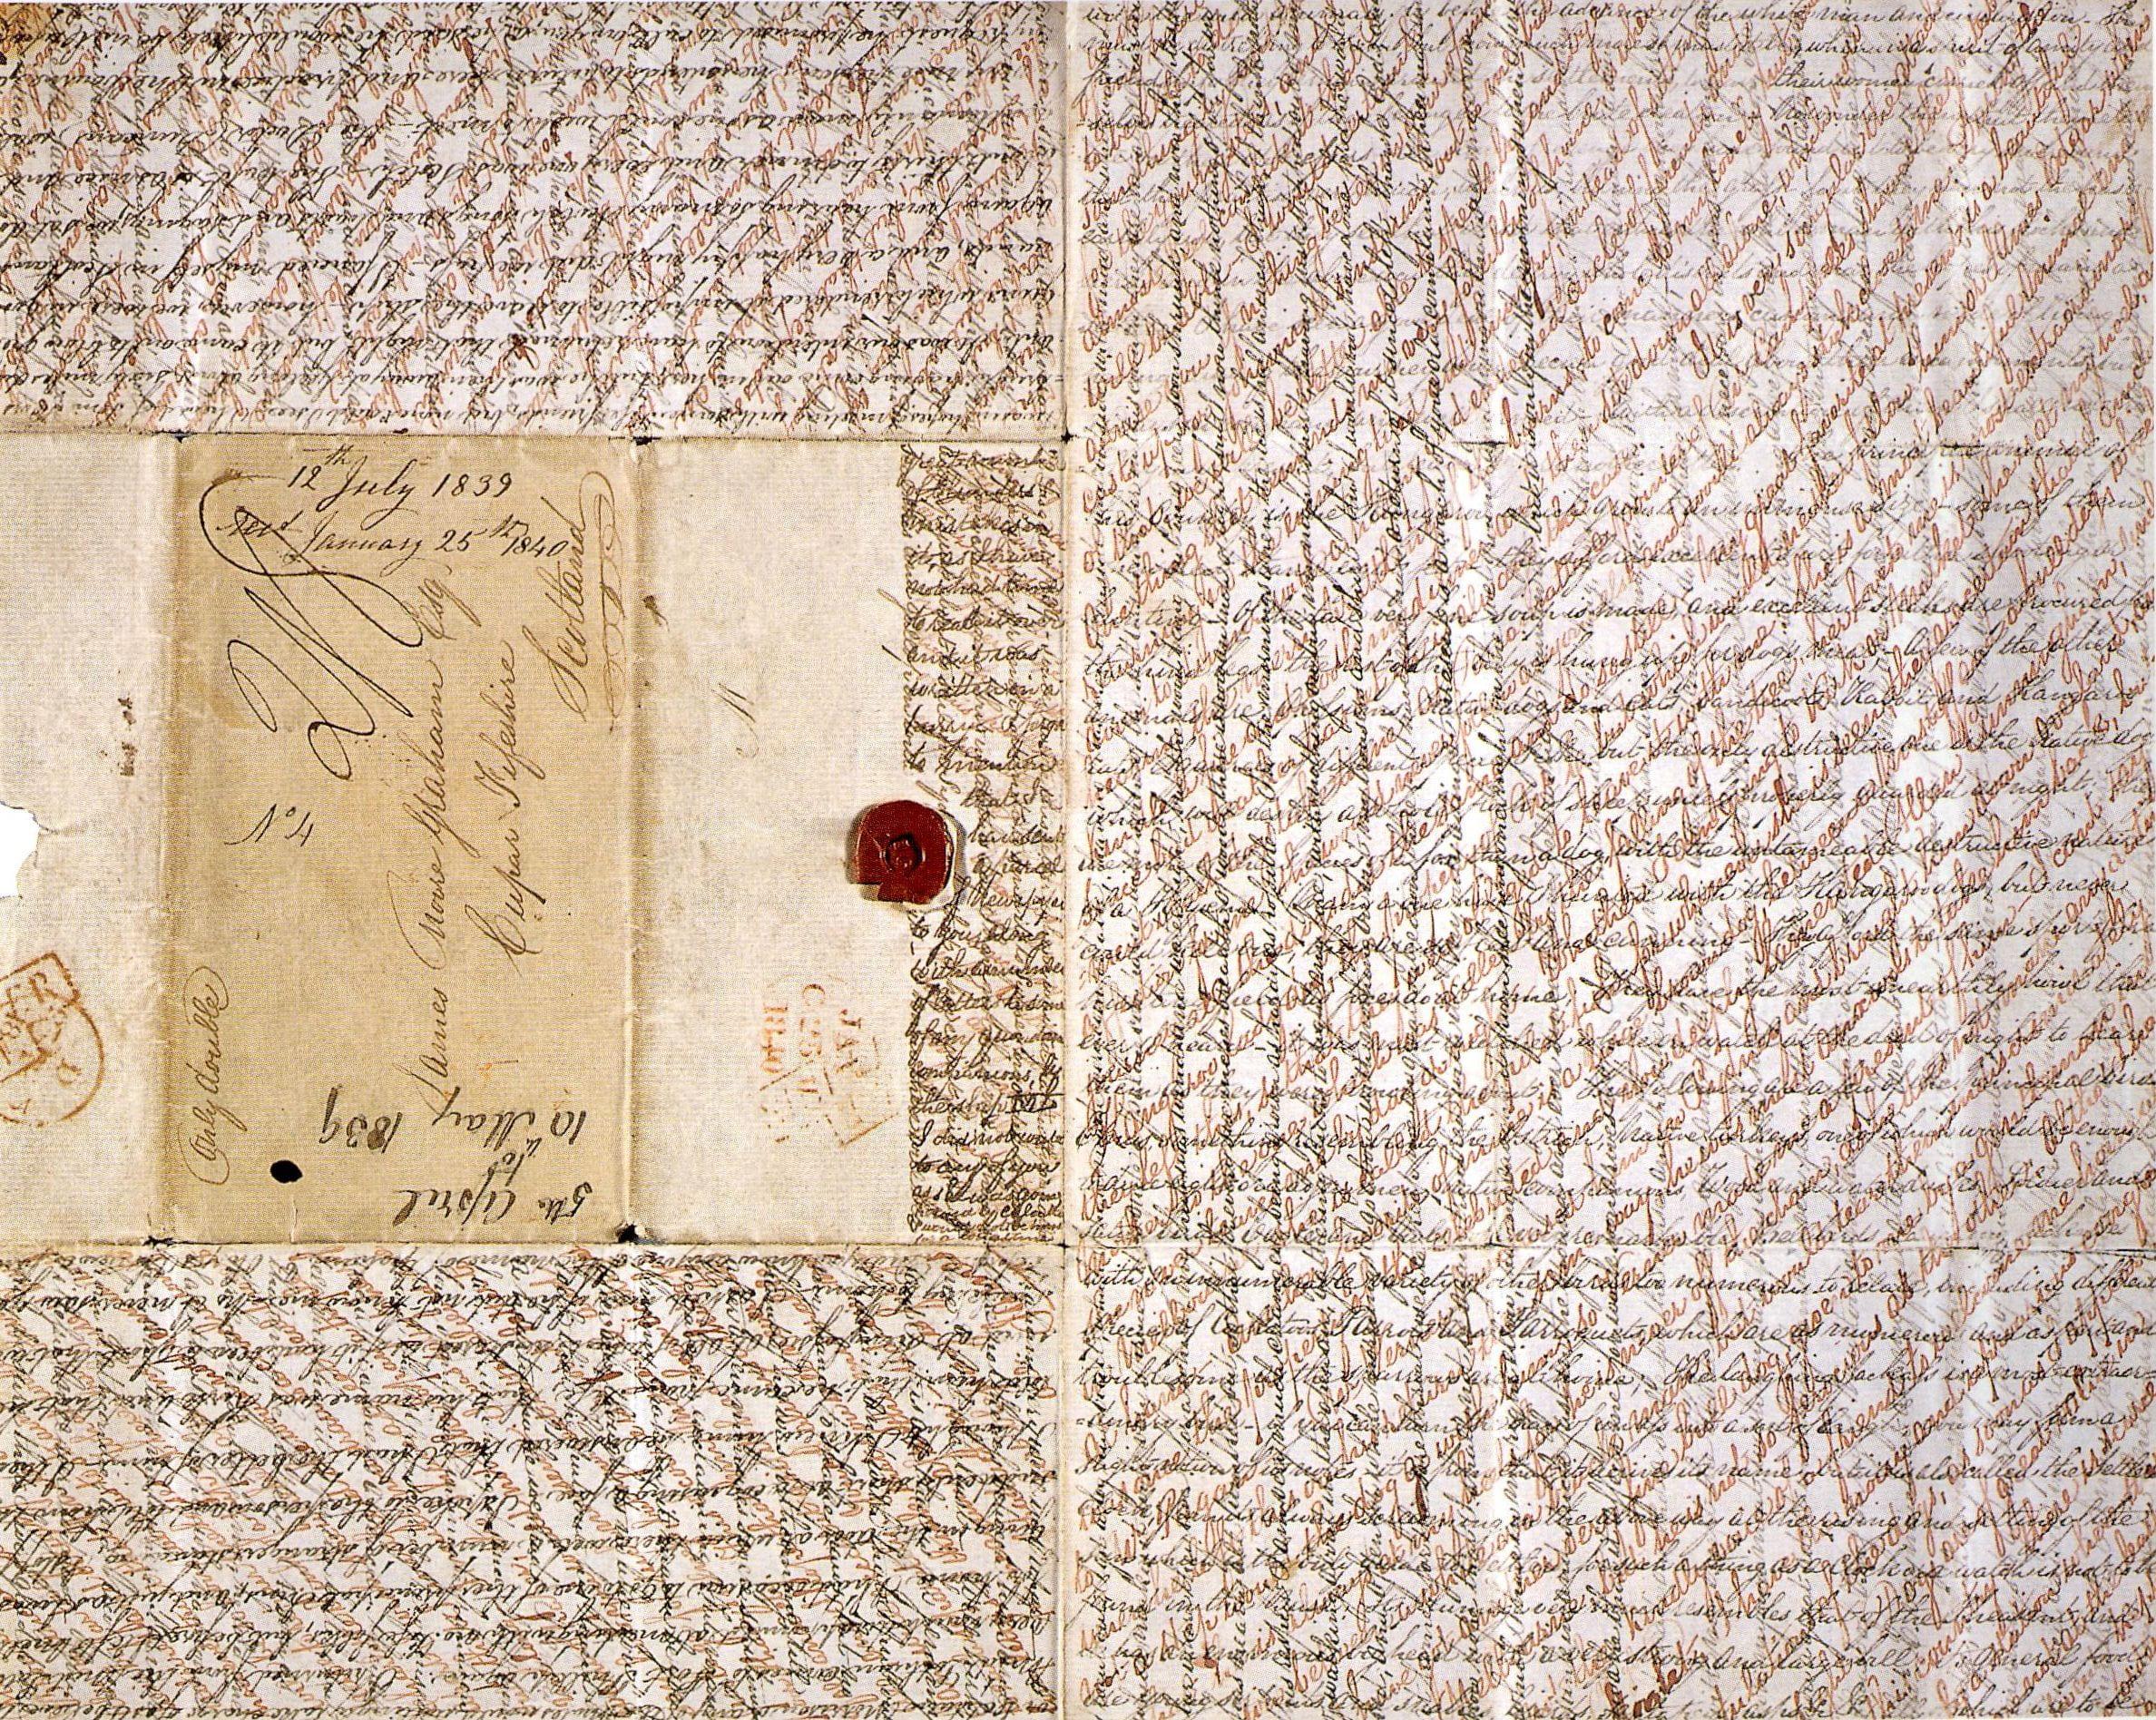 James Graham, overland letter, 12 July 1839